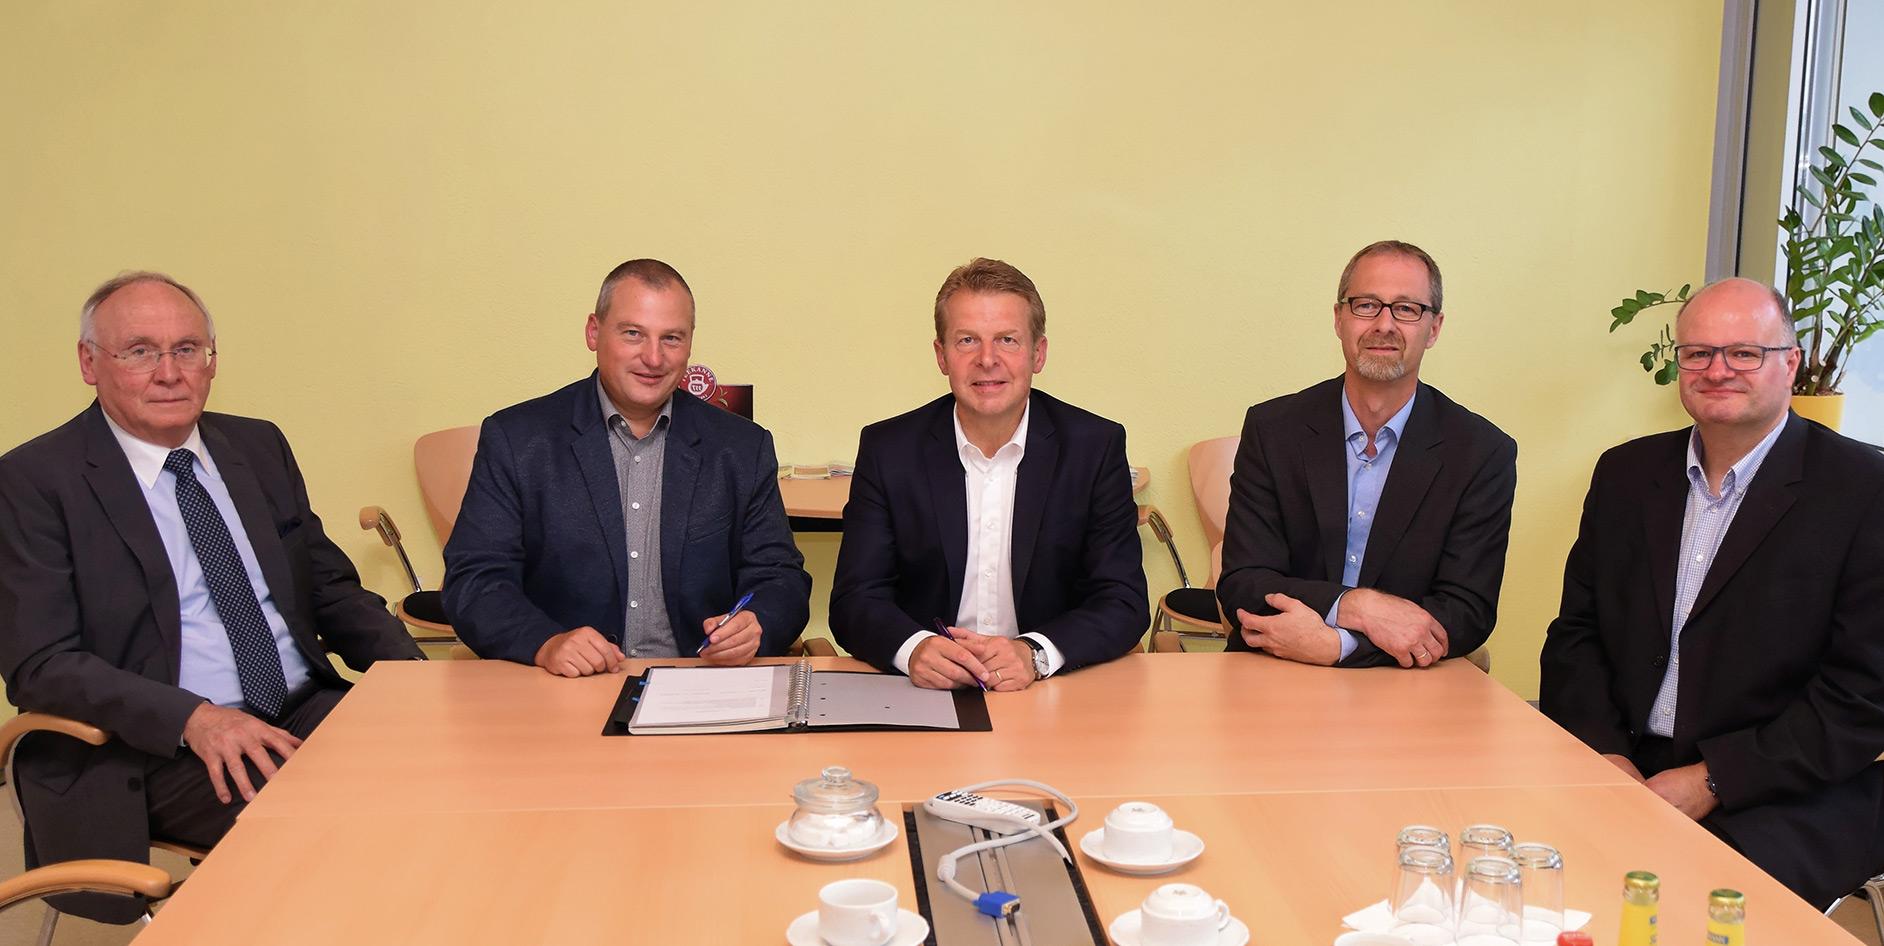 Unterzeichnung der Konzessionsvertrags mit der EAM in Braunfels.